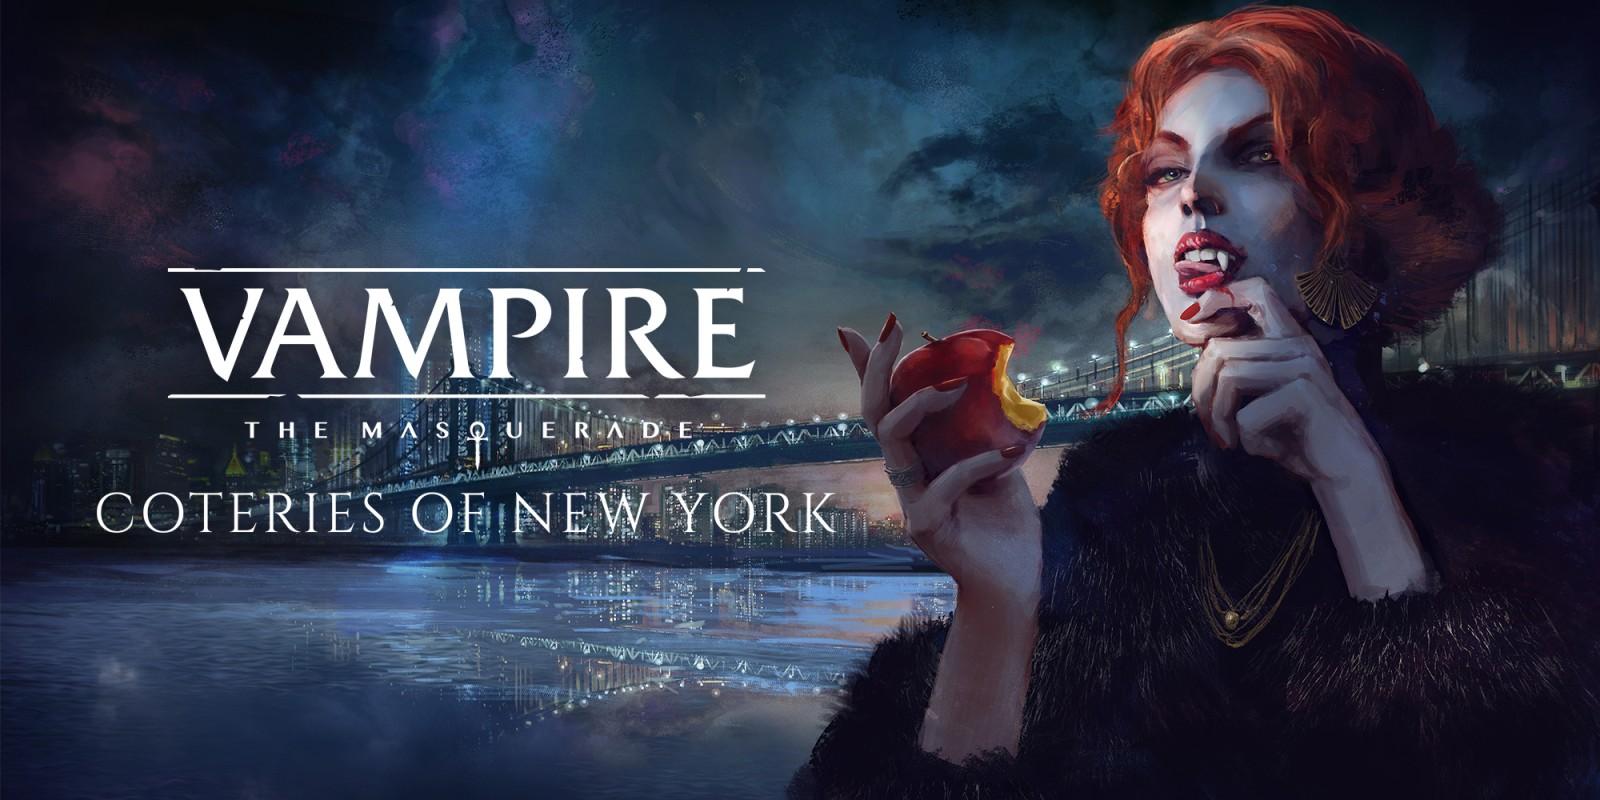 VampireTheMasqueradeCoteriesOfNewYork